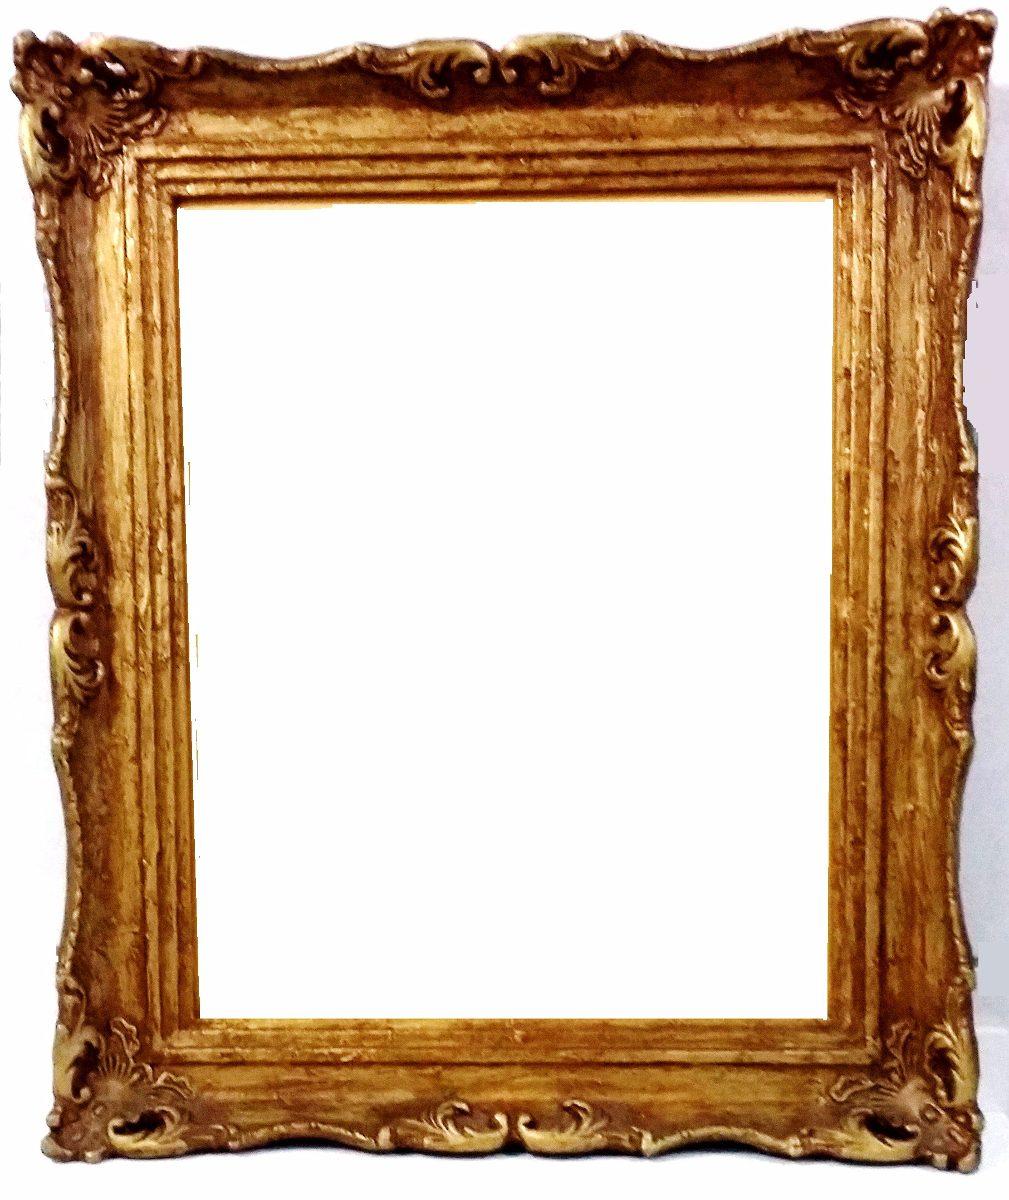 Moldura p quadro e espelho barroco rococ patinada ouro - Marcos clasicos para fotos ...